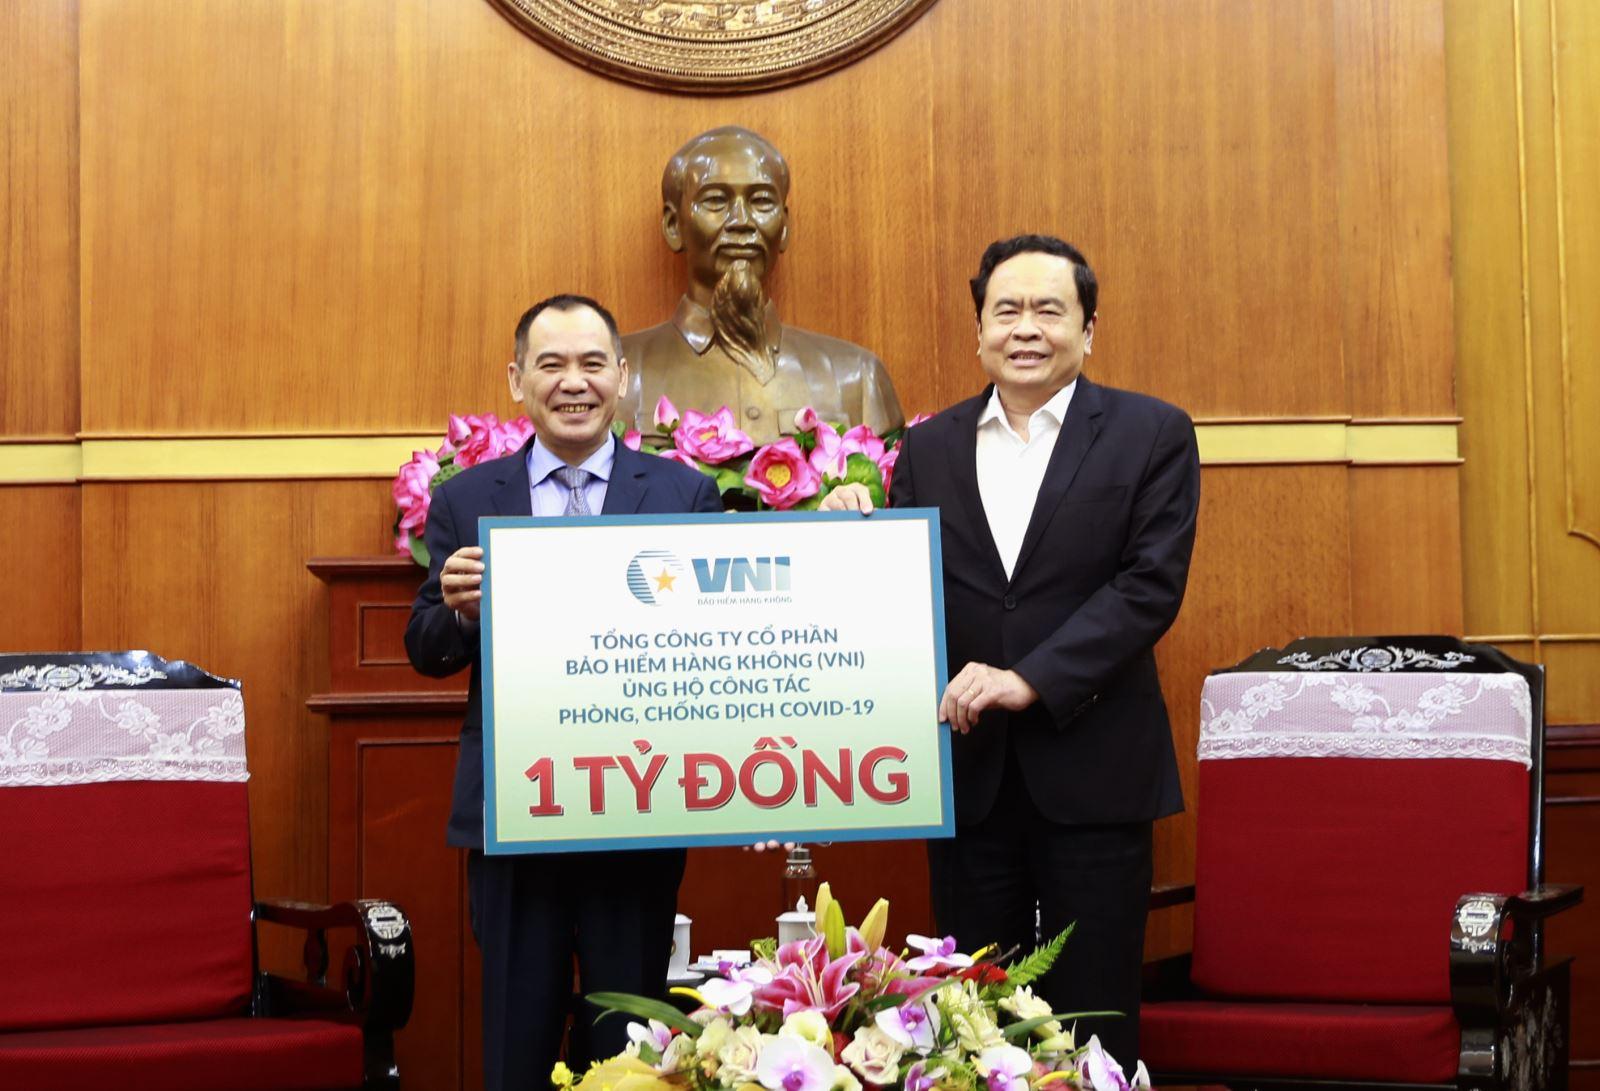 VNI ủng hộ 1 tỷ đồng chung tay chống dịch COVID-19